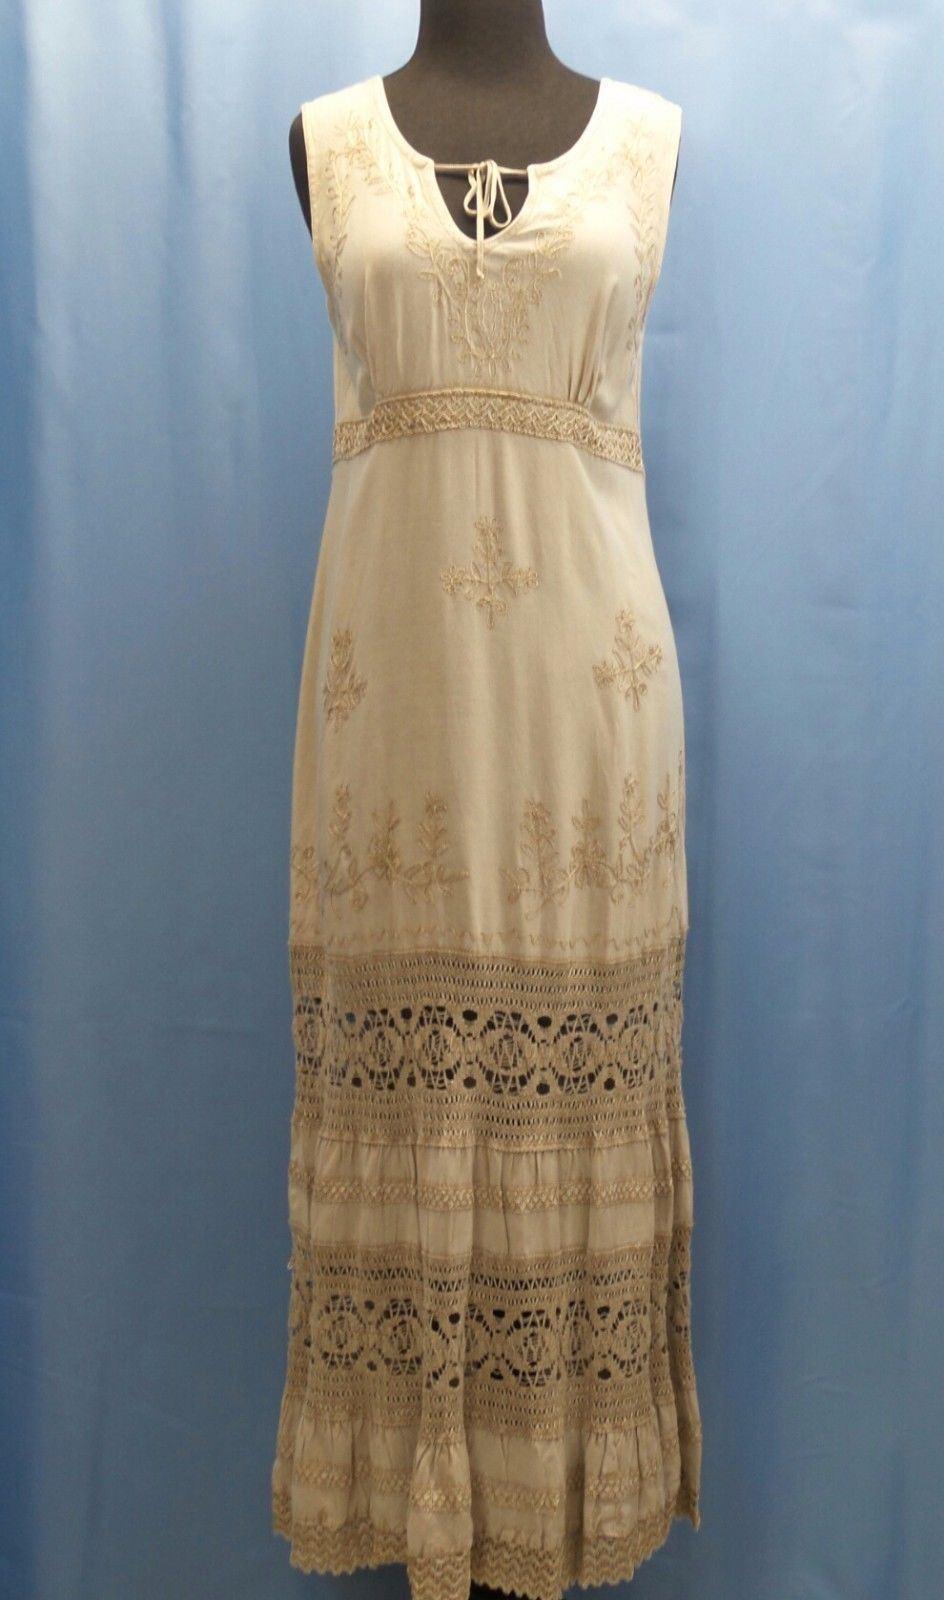 Beige Long Women's Dress Empire Waist Sleeveless Hippie Boho Casual Sundress